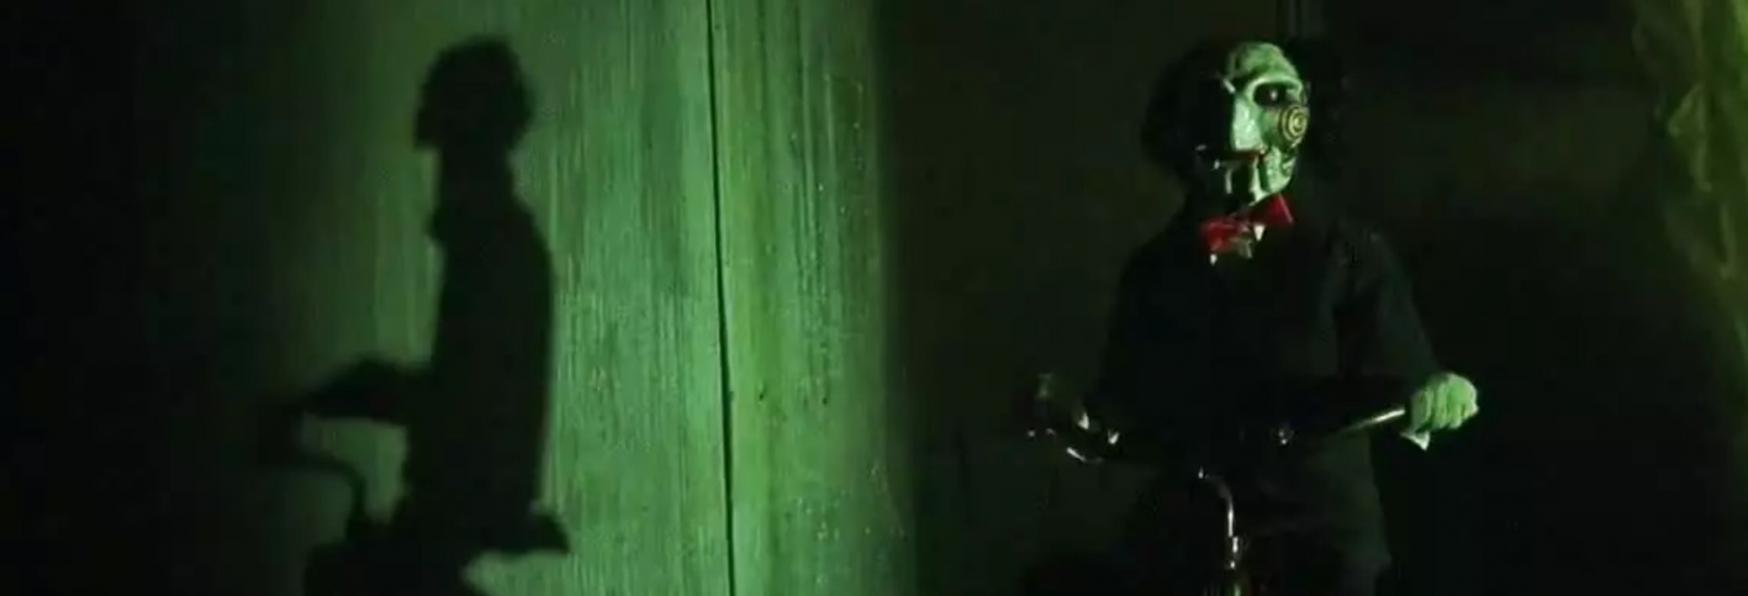 Saw - l'Enigmista: in Fase di Sviluppo una nuova Serie TV basata sul famoso Film Horror?